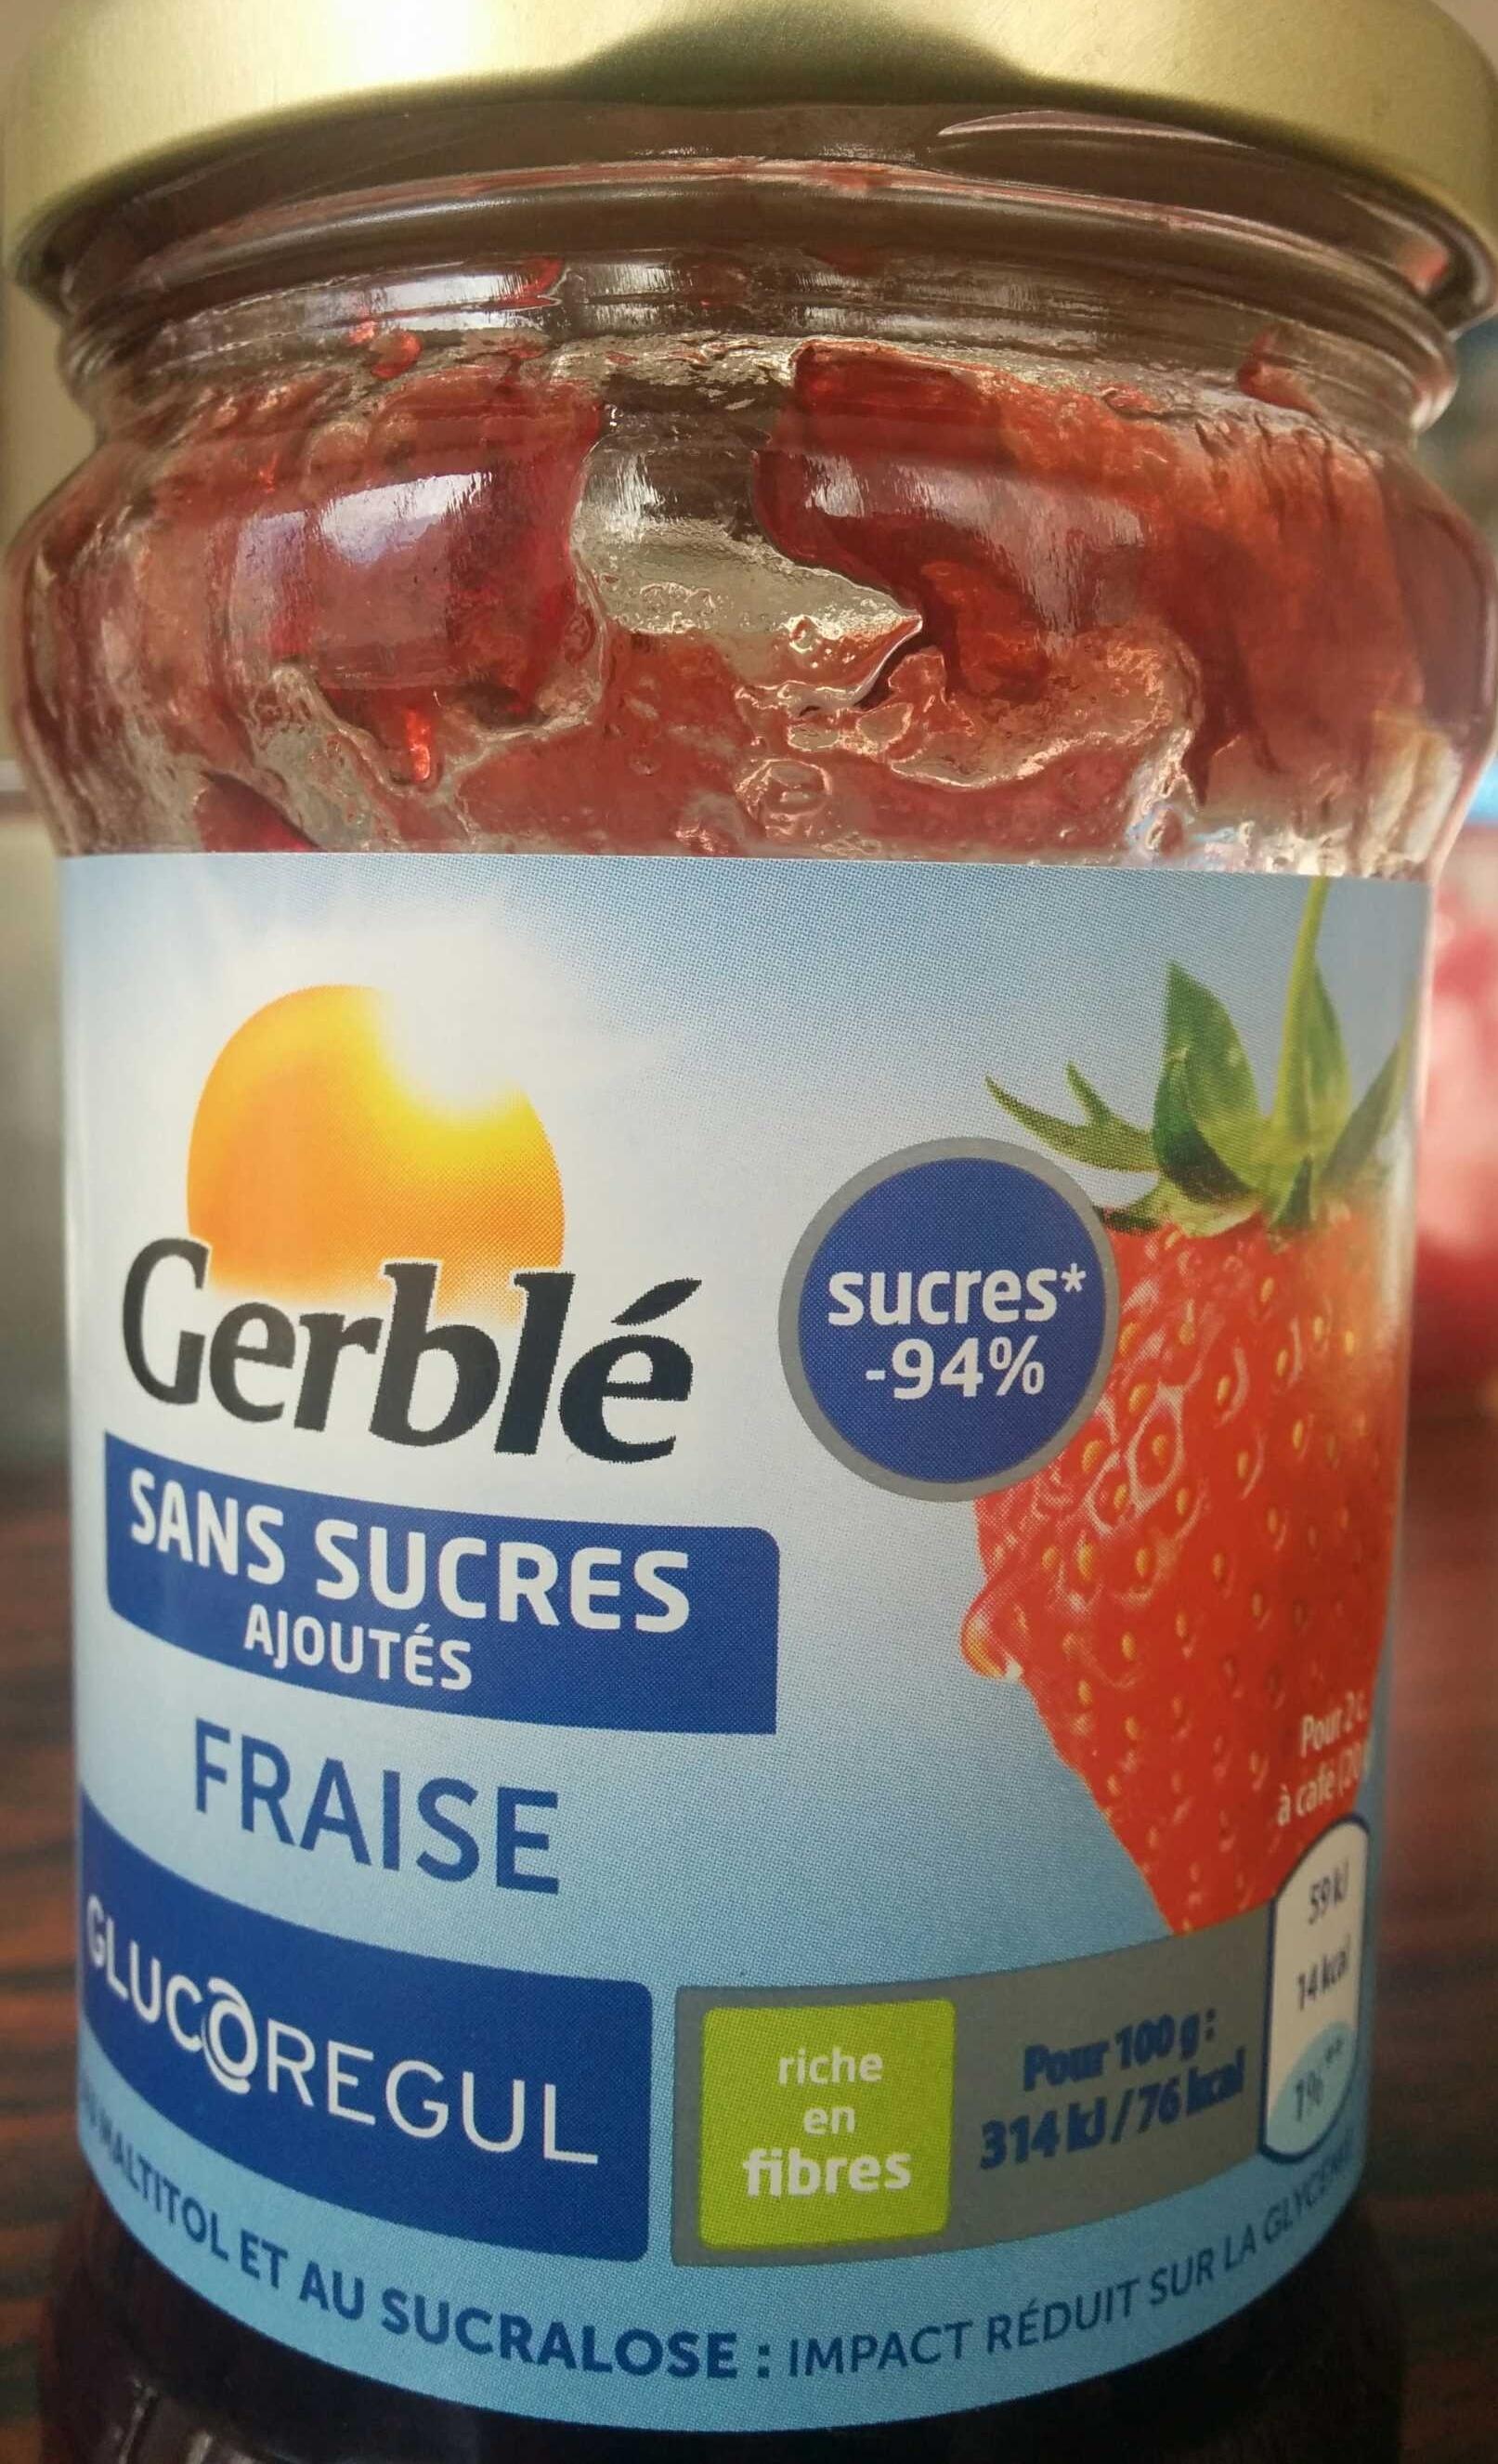 confiture de fraise gerble